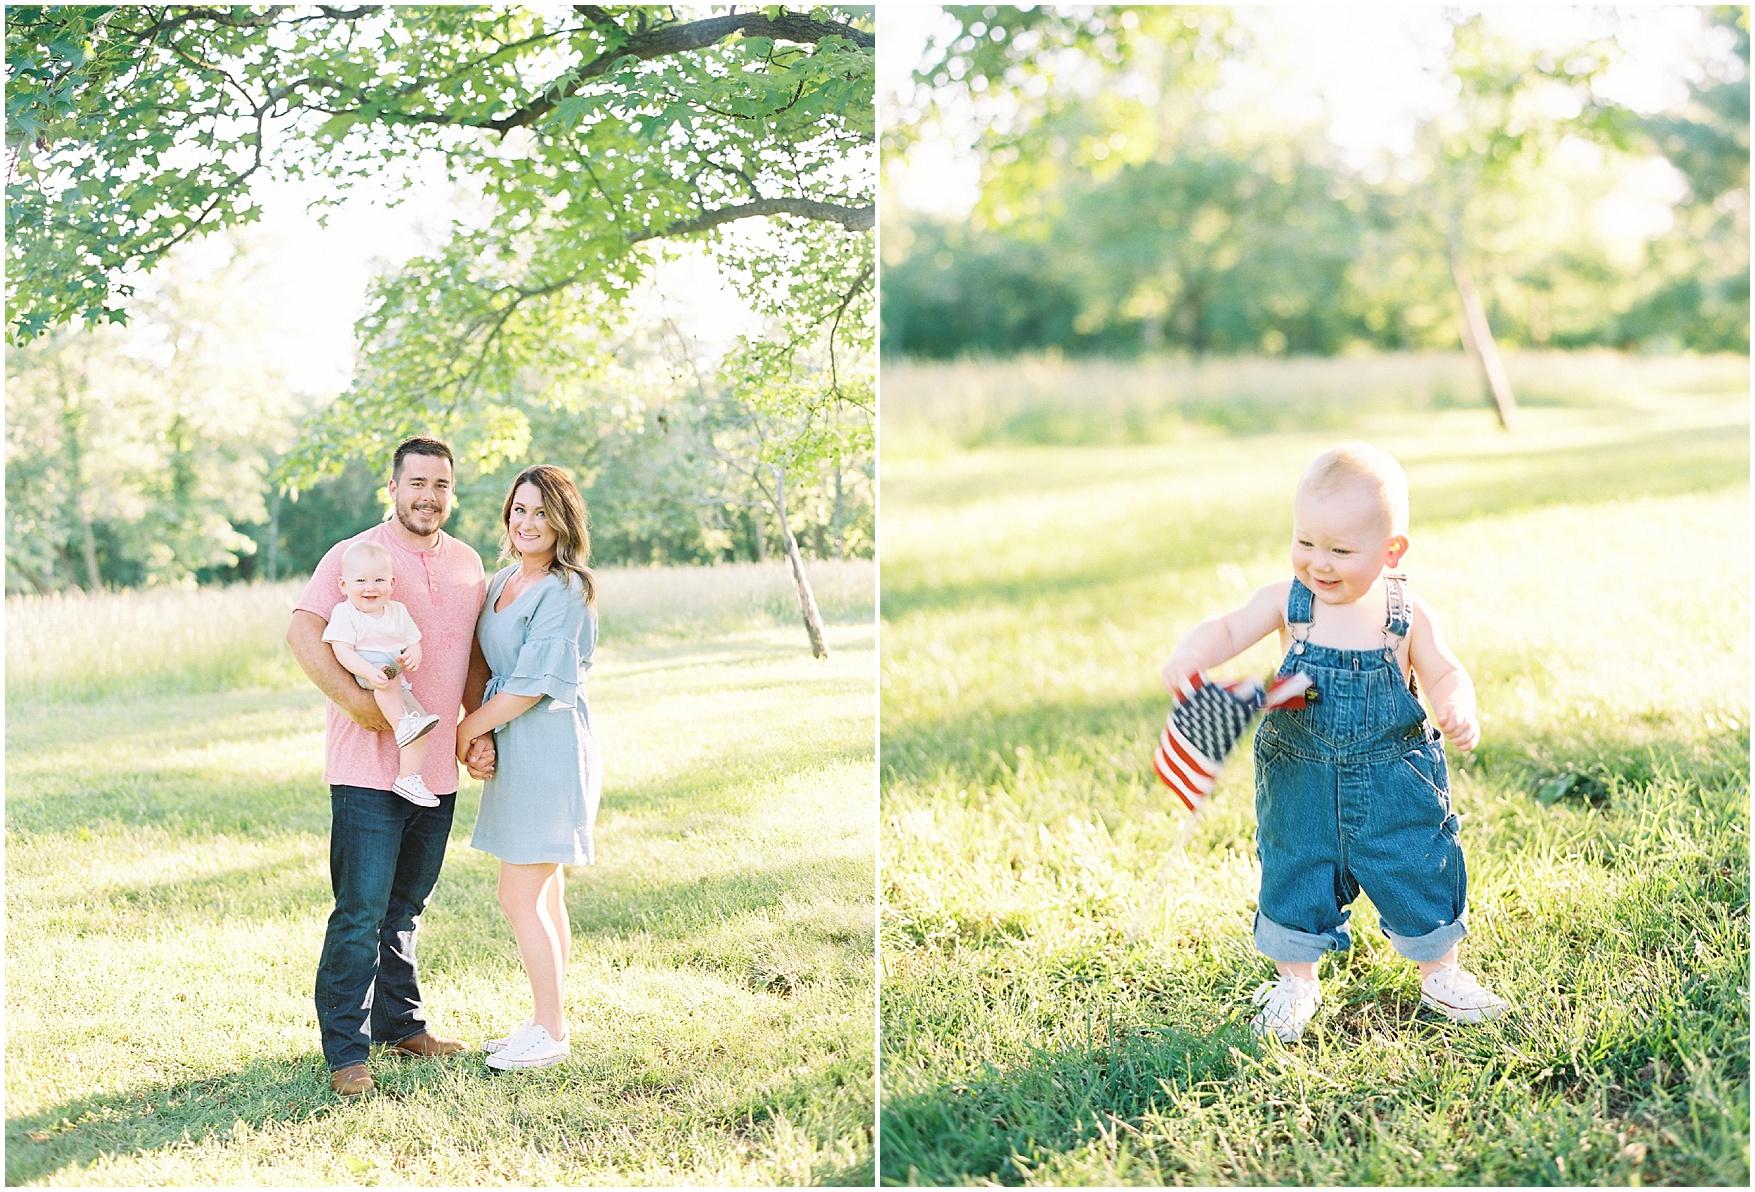 wedding photography st louis_lauren muckler photography_film photographer_film wedding_0435.jpg